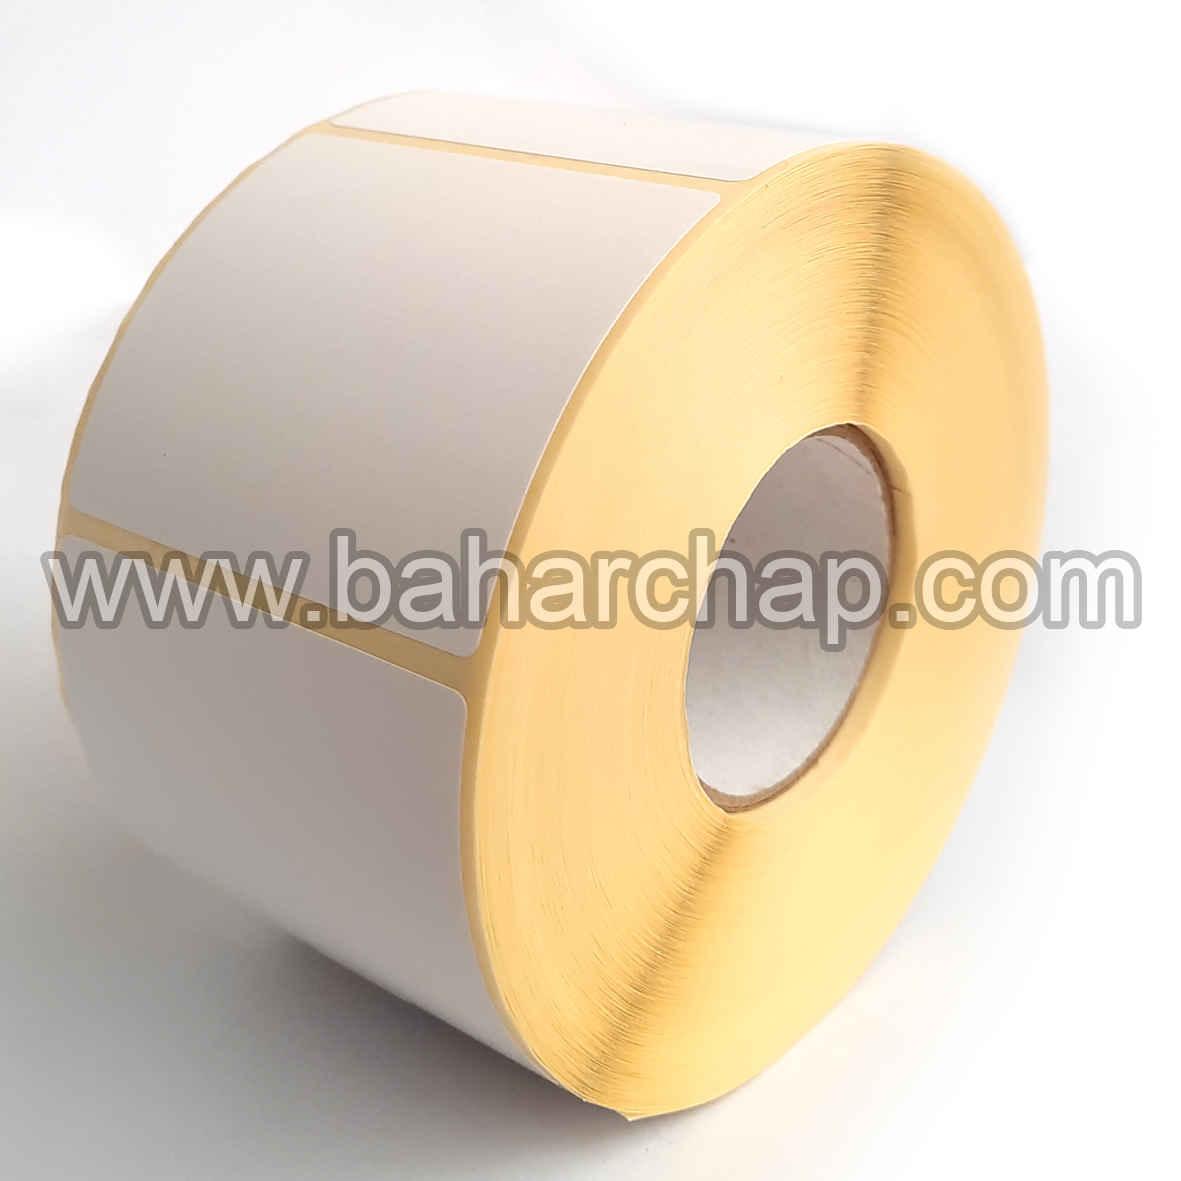 فروشگاه و خدمات اینترنتی بهارچاپ اصفهان-لیبل (برچسب) پستی 55*50-کاغذی-1000 عددی(اداره پست و دفاترپیشخوان)-Sticker Printer  paper 55*50